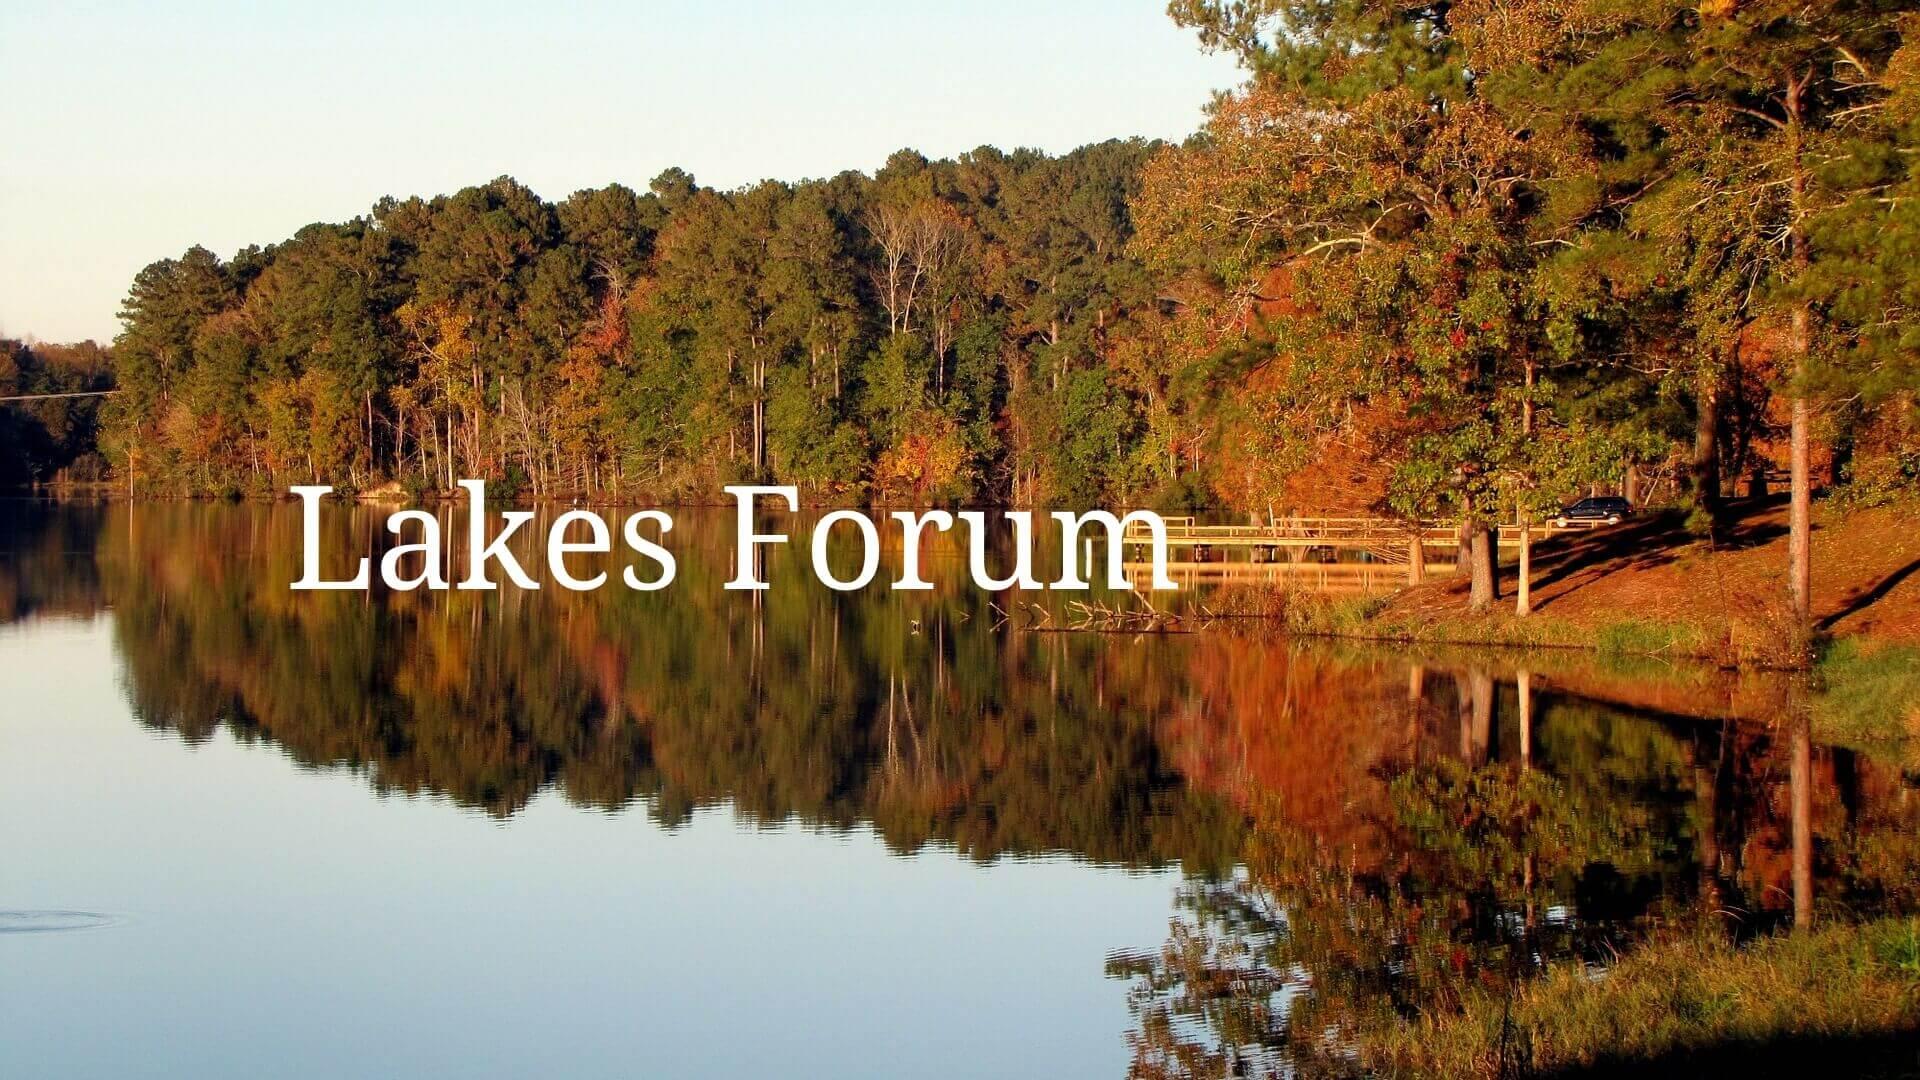 Lakes Forum